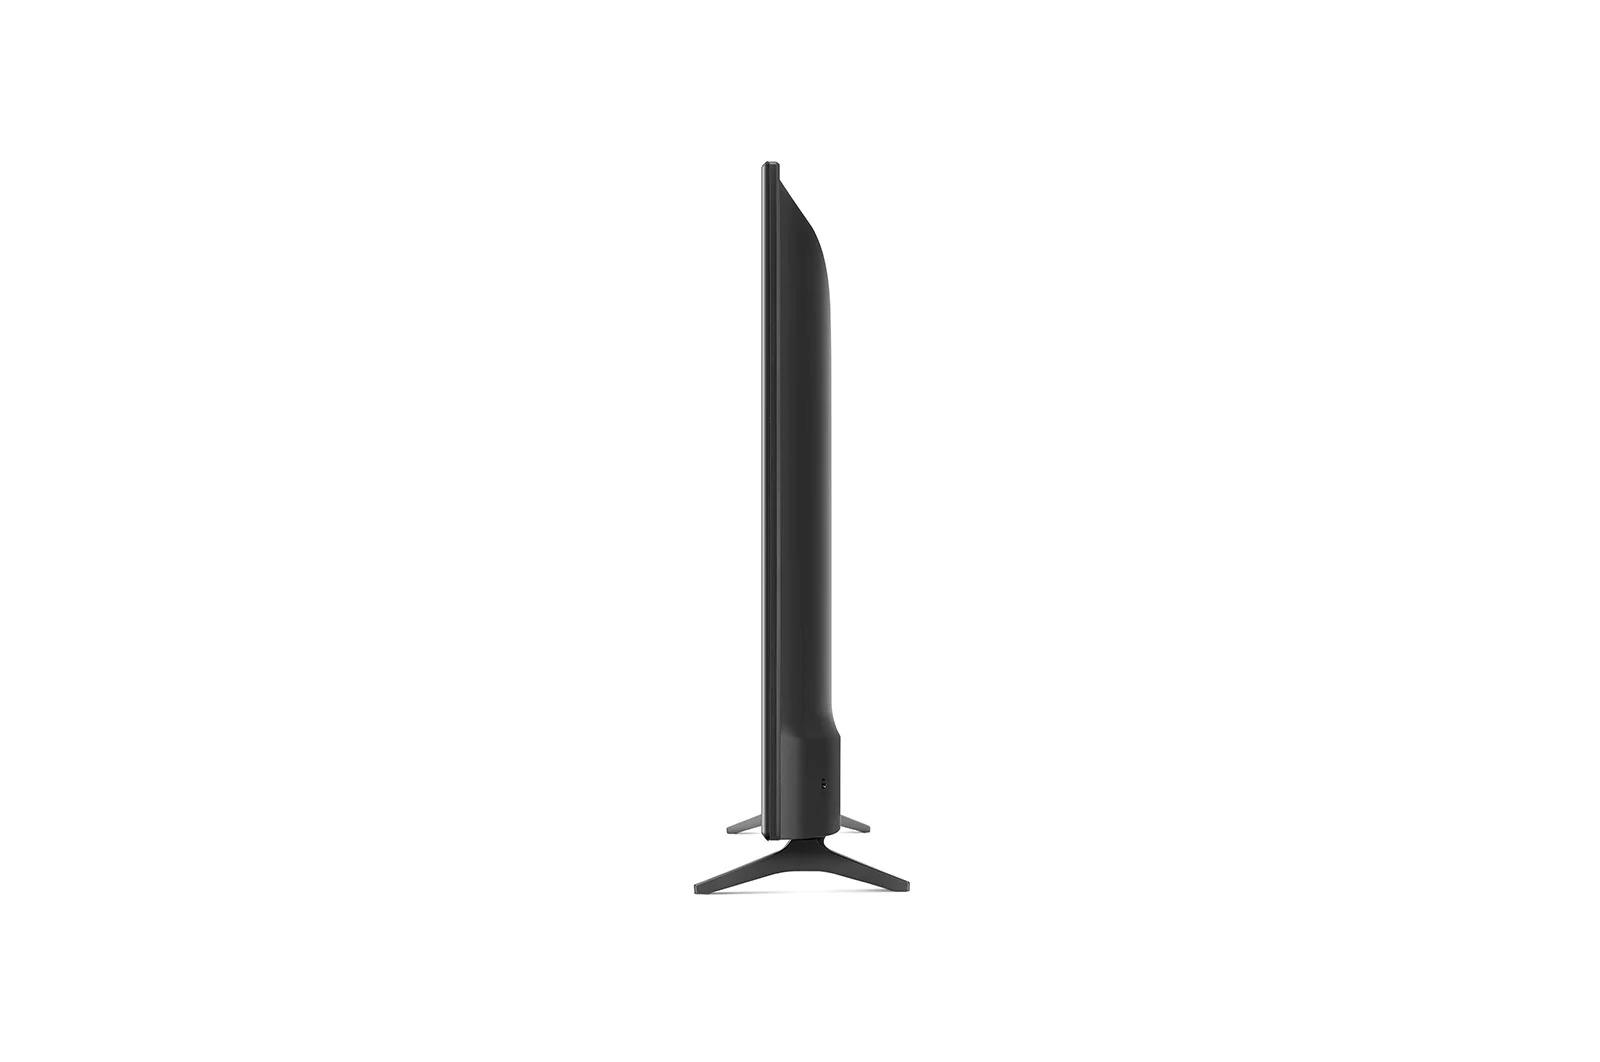 LG (55UN7190PTA) 55 (139.7cm) 4K Smart UHD TV